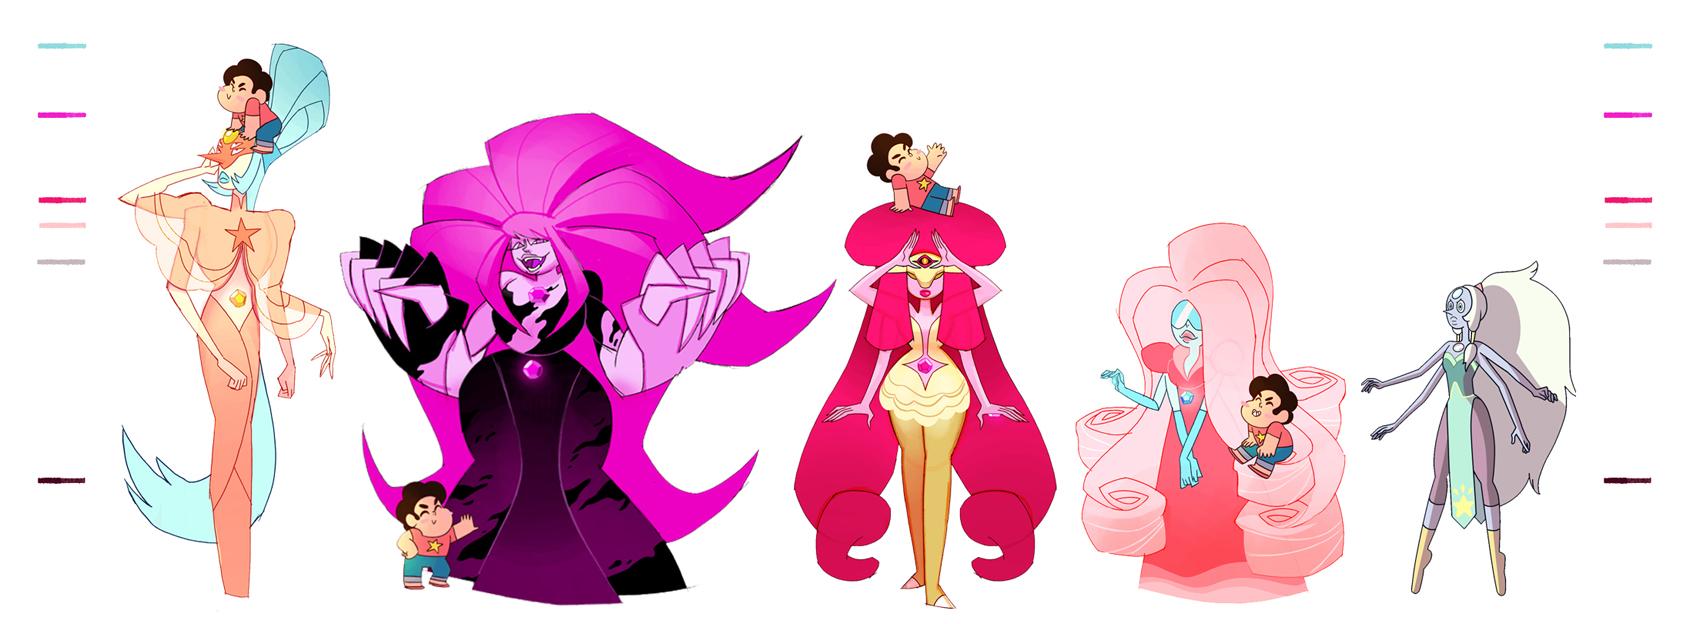 Rose Quartz Fusions   Steven Universe   Know Your MemeRose Quartz Steven Universe